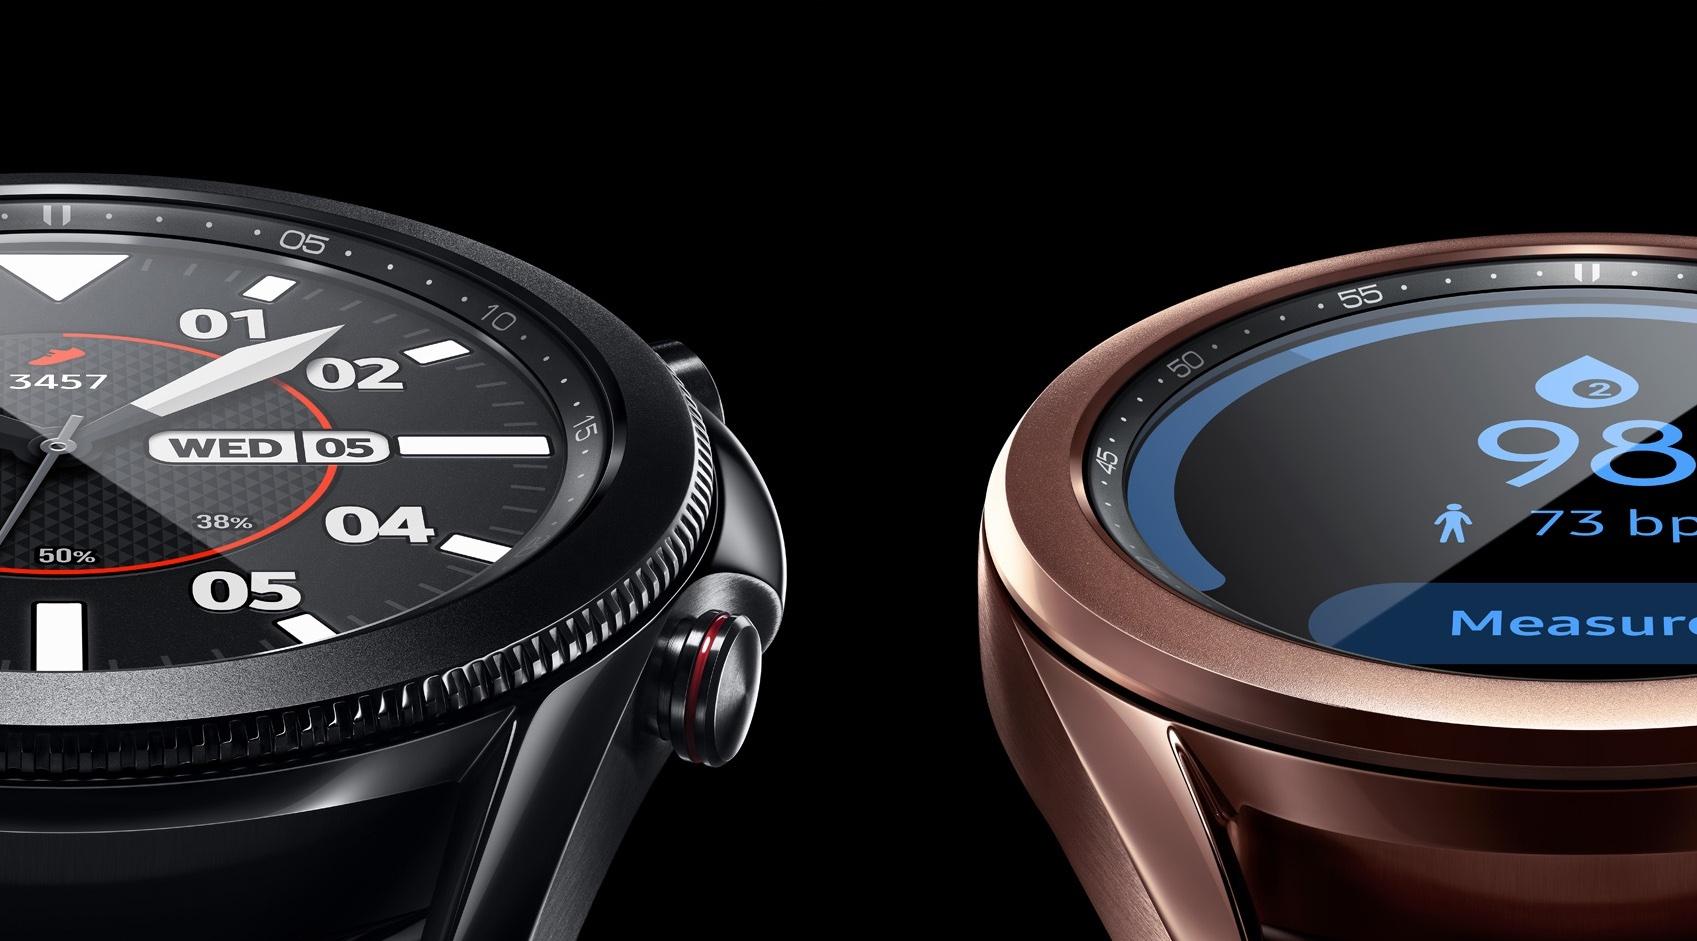 Вслед за смартфонами: смарт-часы Samsung Galaxy Watch 4 и Galaxy Watch Active 4 лишатся зарядки в комплекте